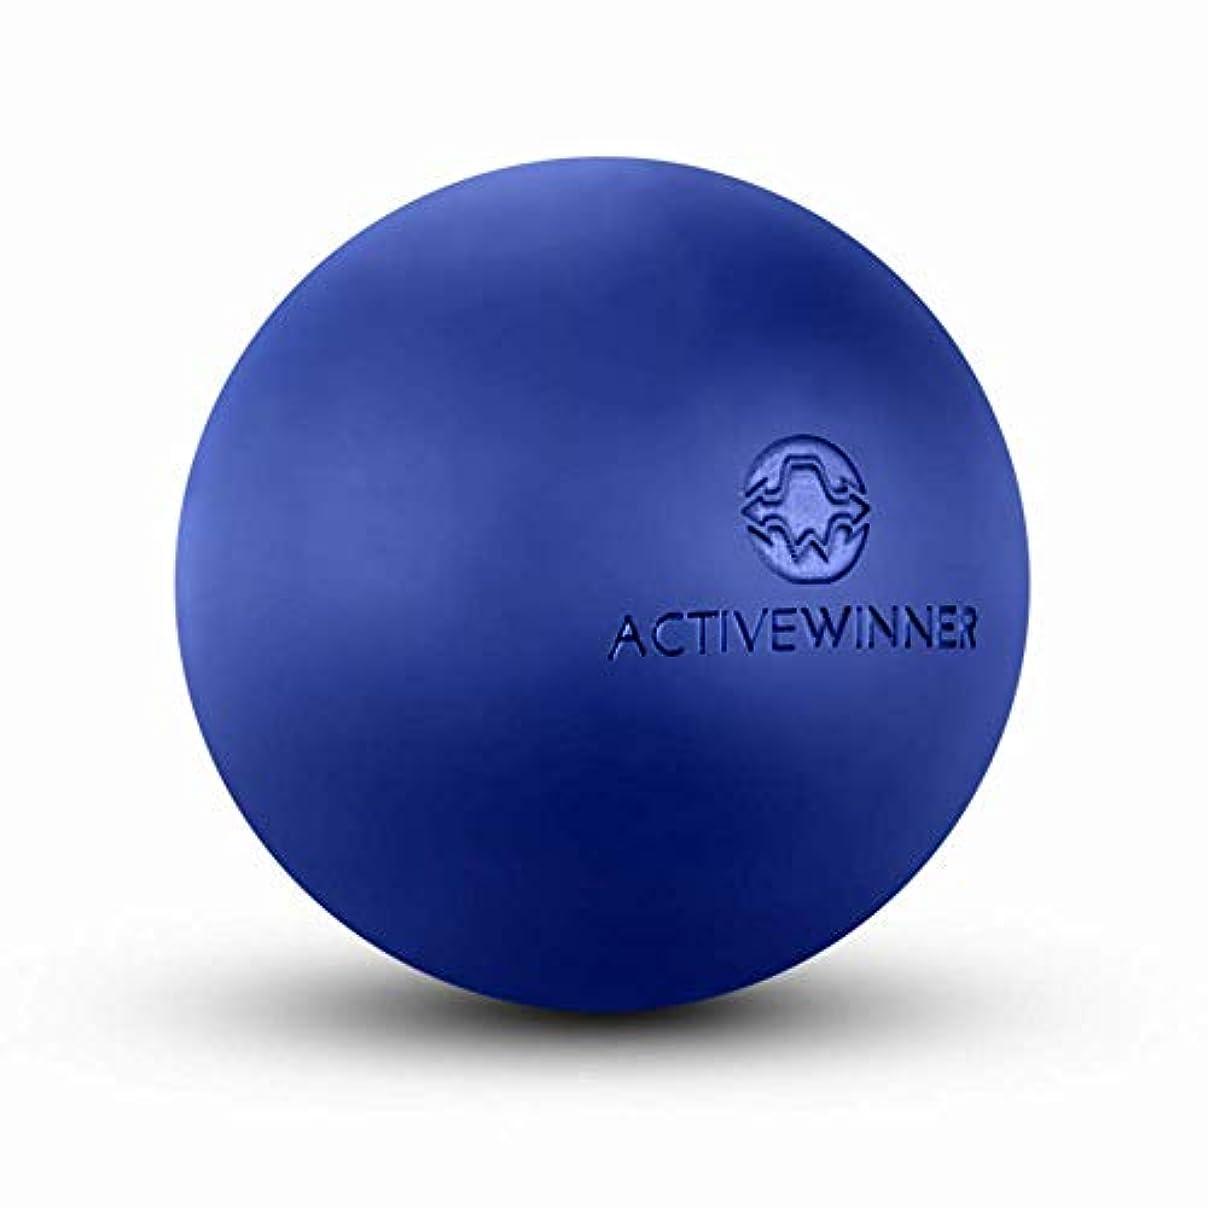 扇動するリダクターフルーツActive Winner マッサージボール トリガーポイント (ネイビー) ストレッチボール 筋膜リリース トレーニング 背中 肩こり 腰 ふくらはぎ 足 ツボ押し